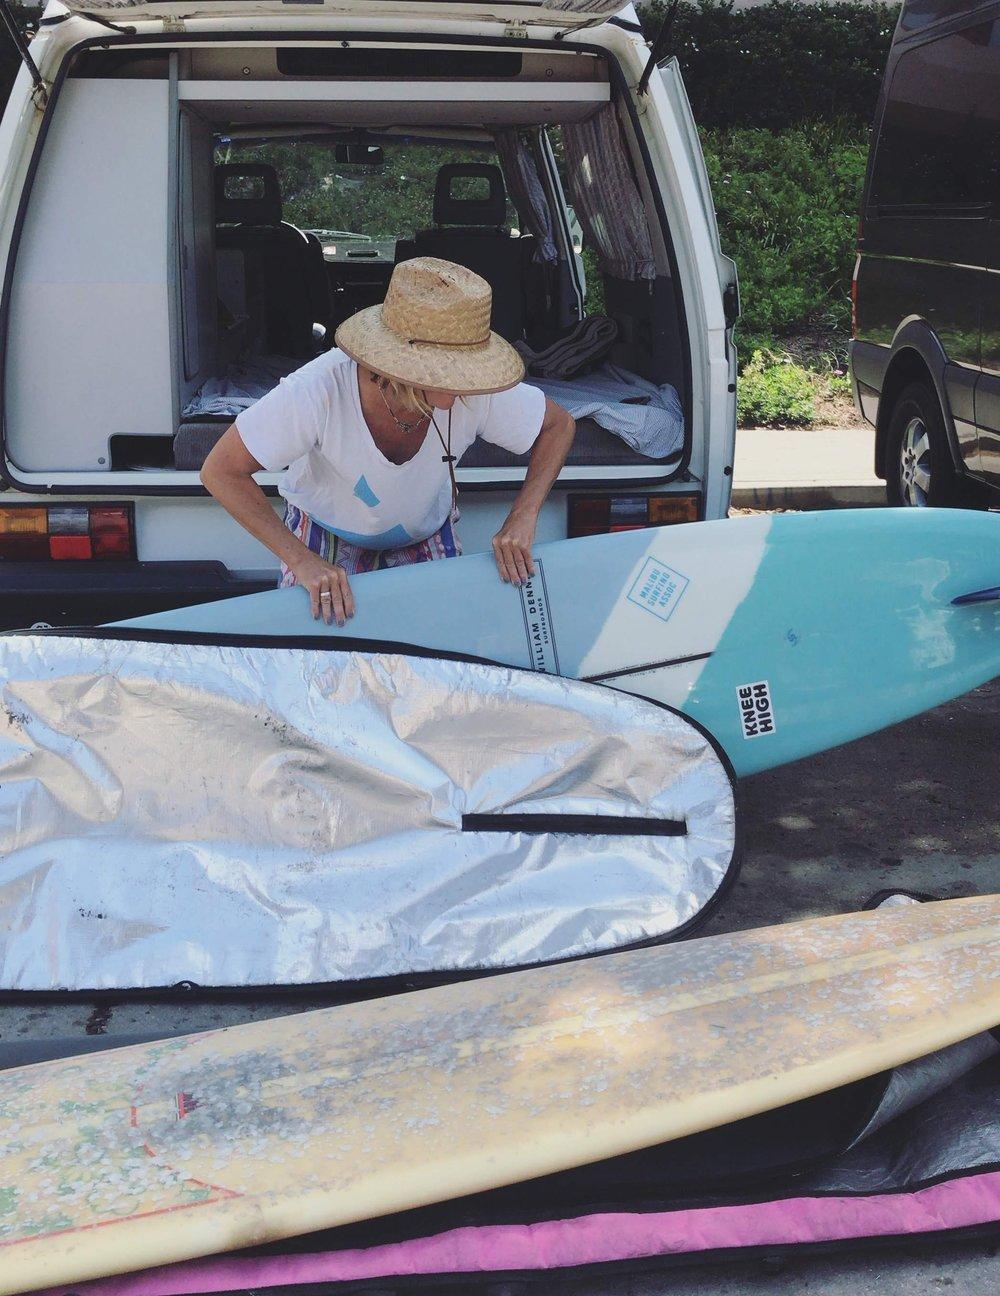 Beth_surfboards_California.JPG